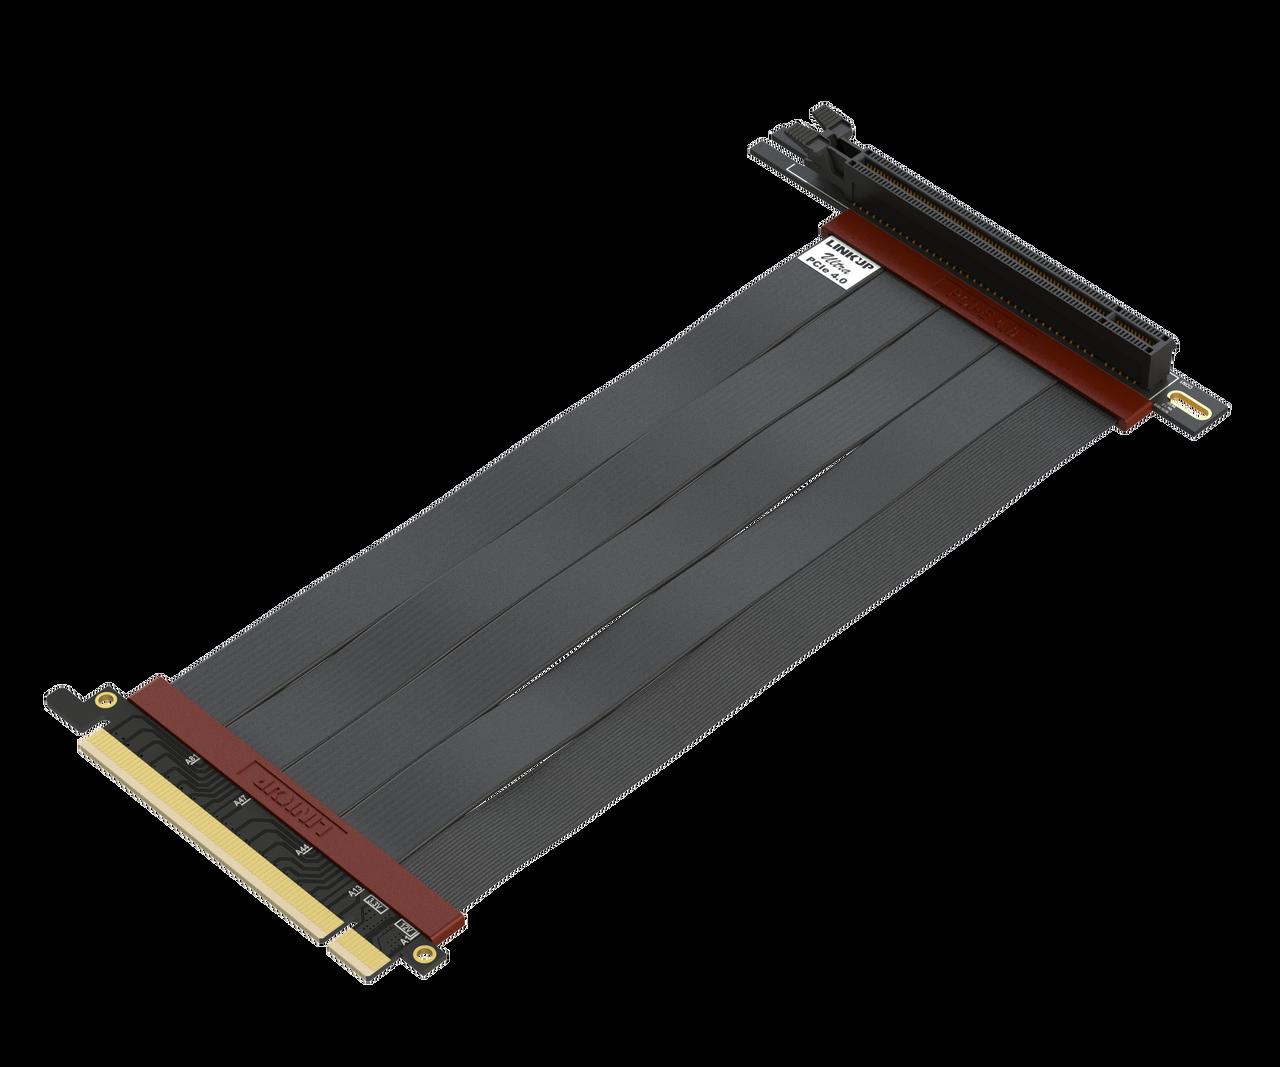 Ultra PCIe 4.0 X16 Riser Kabel Geschirmte Twinaxial Vertikale Steigleitung Portverl/ängerungs Gen4 RTX3080 x570 RX5700XT Getestet Gerade Buchse {20 cm} PCI Express 3.0 Gen3 und TT Kompatibel LINKUP